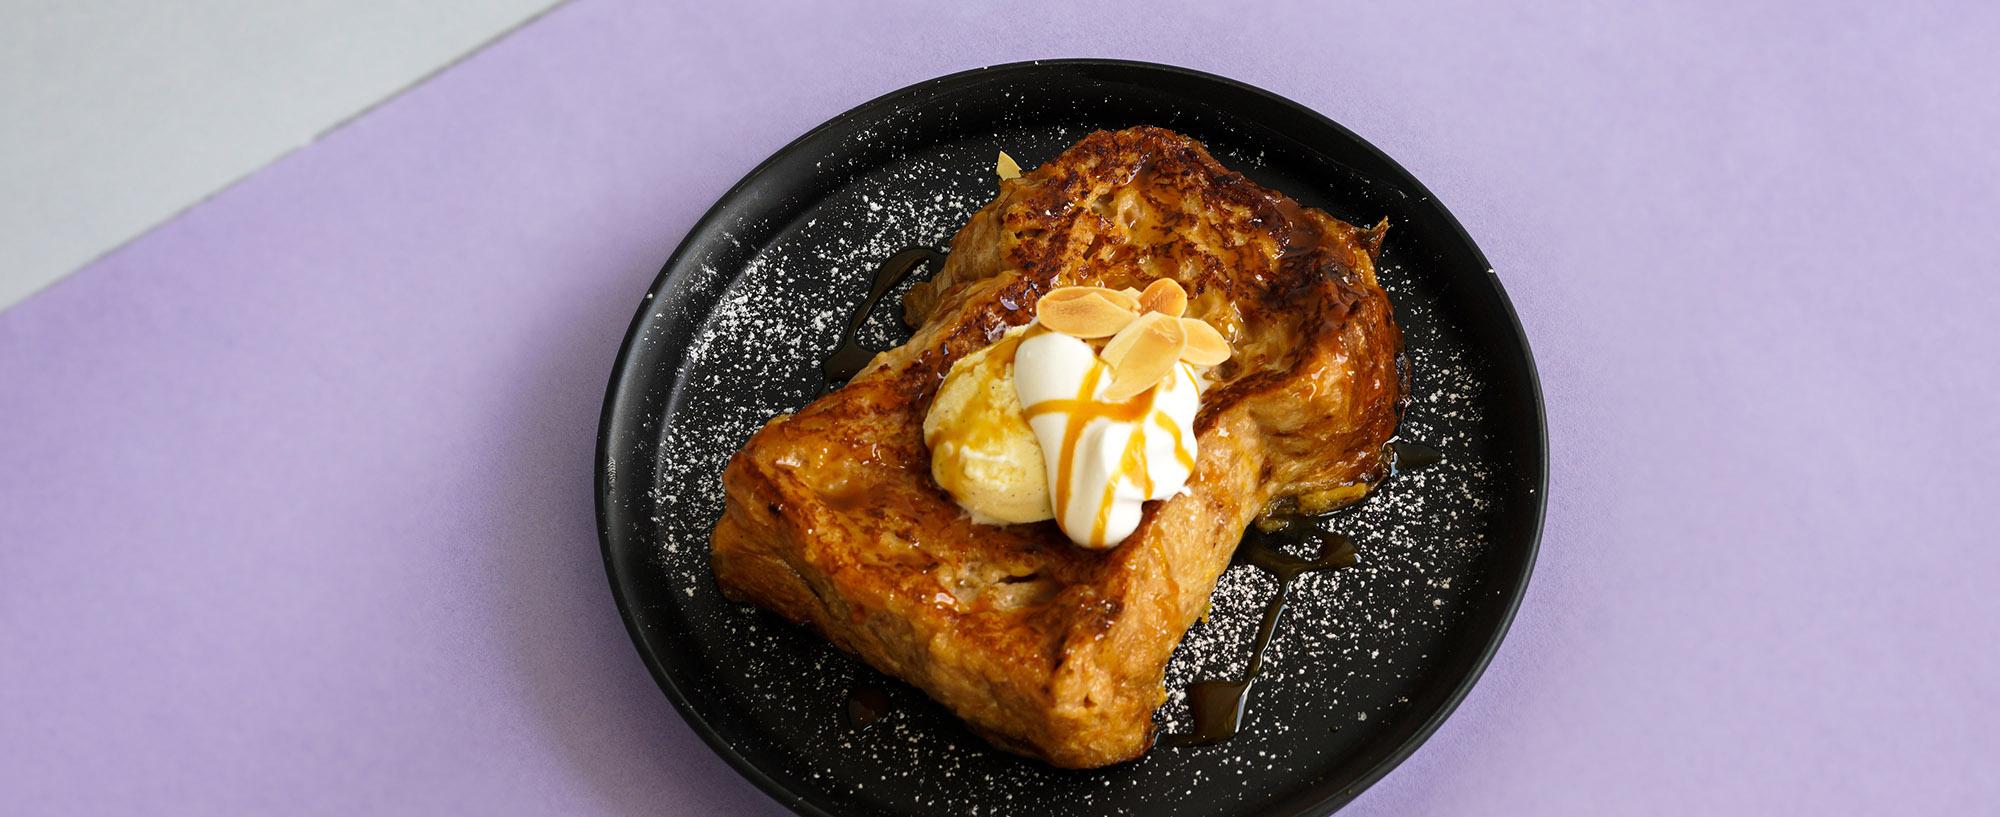 D.EのMENU : 自家製ブレッドのフレンチトースト バニラアイスとキャラメルソースとホイップの画像です。